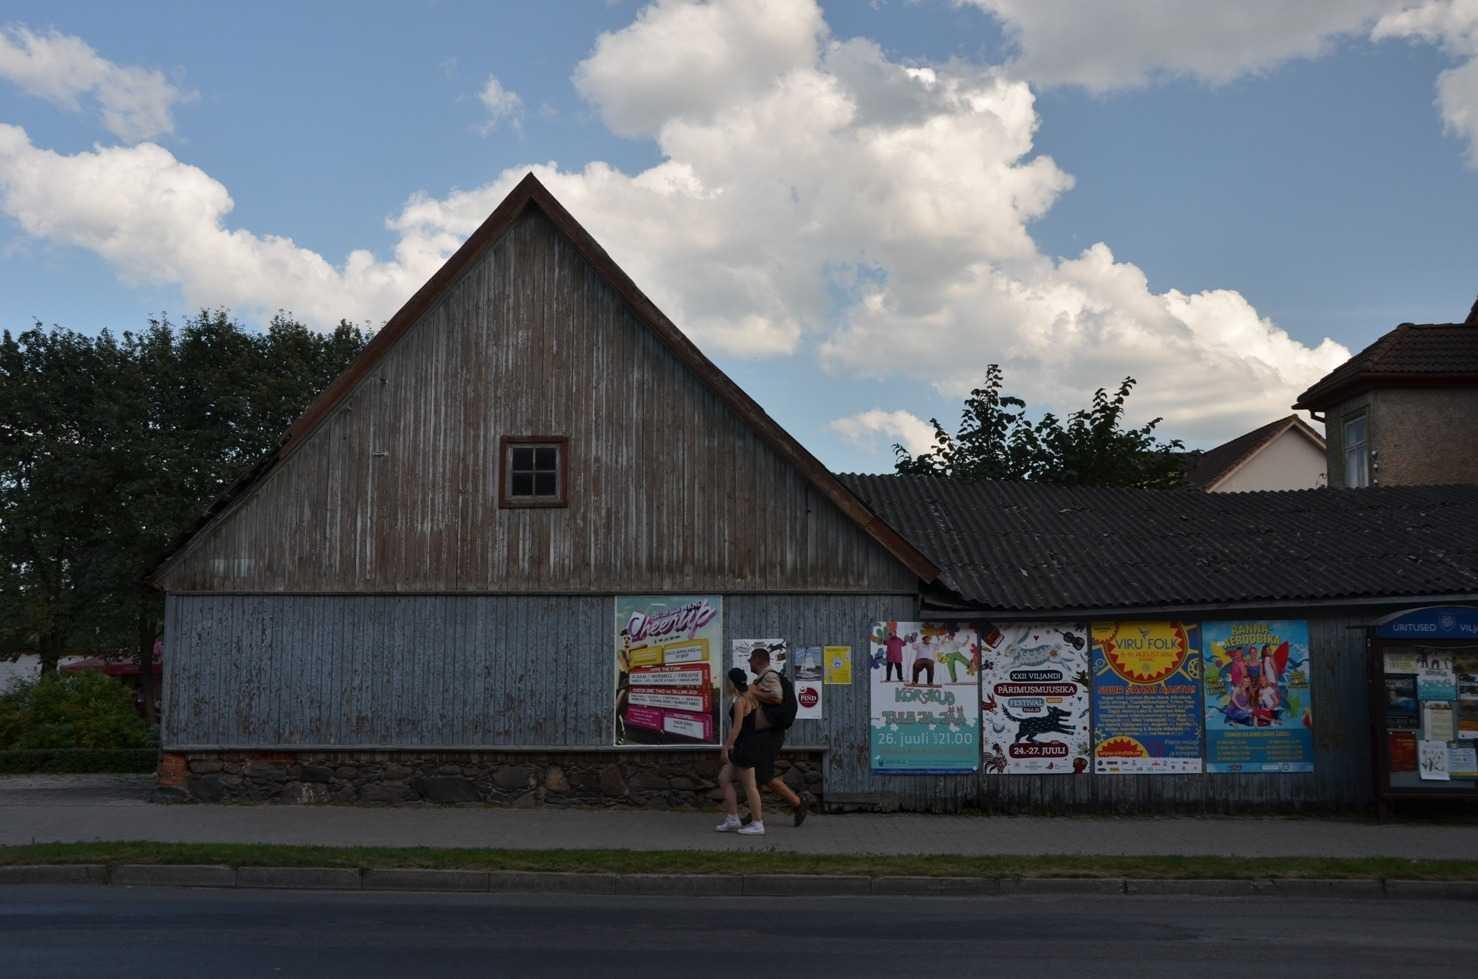 Viljandi Folk Müzik Festivalinin afişleri…